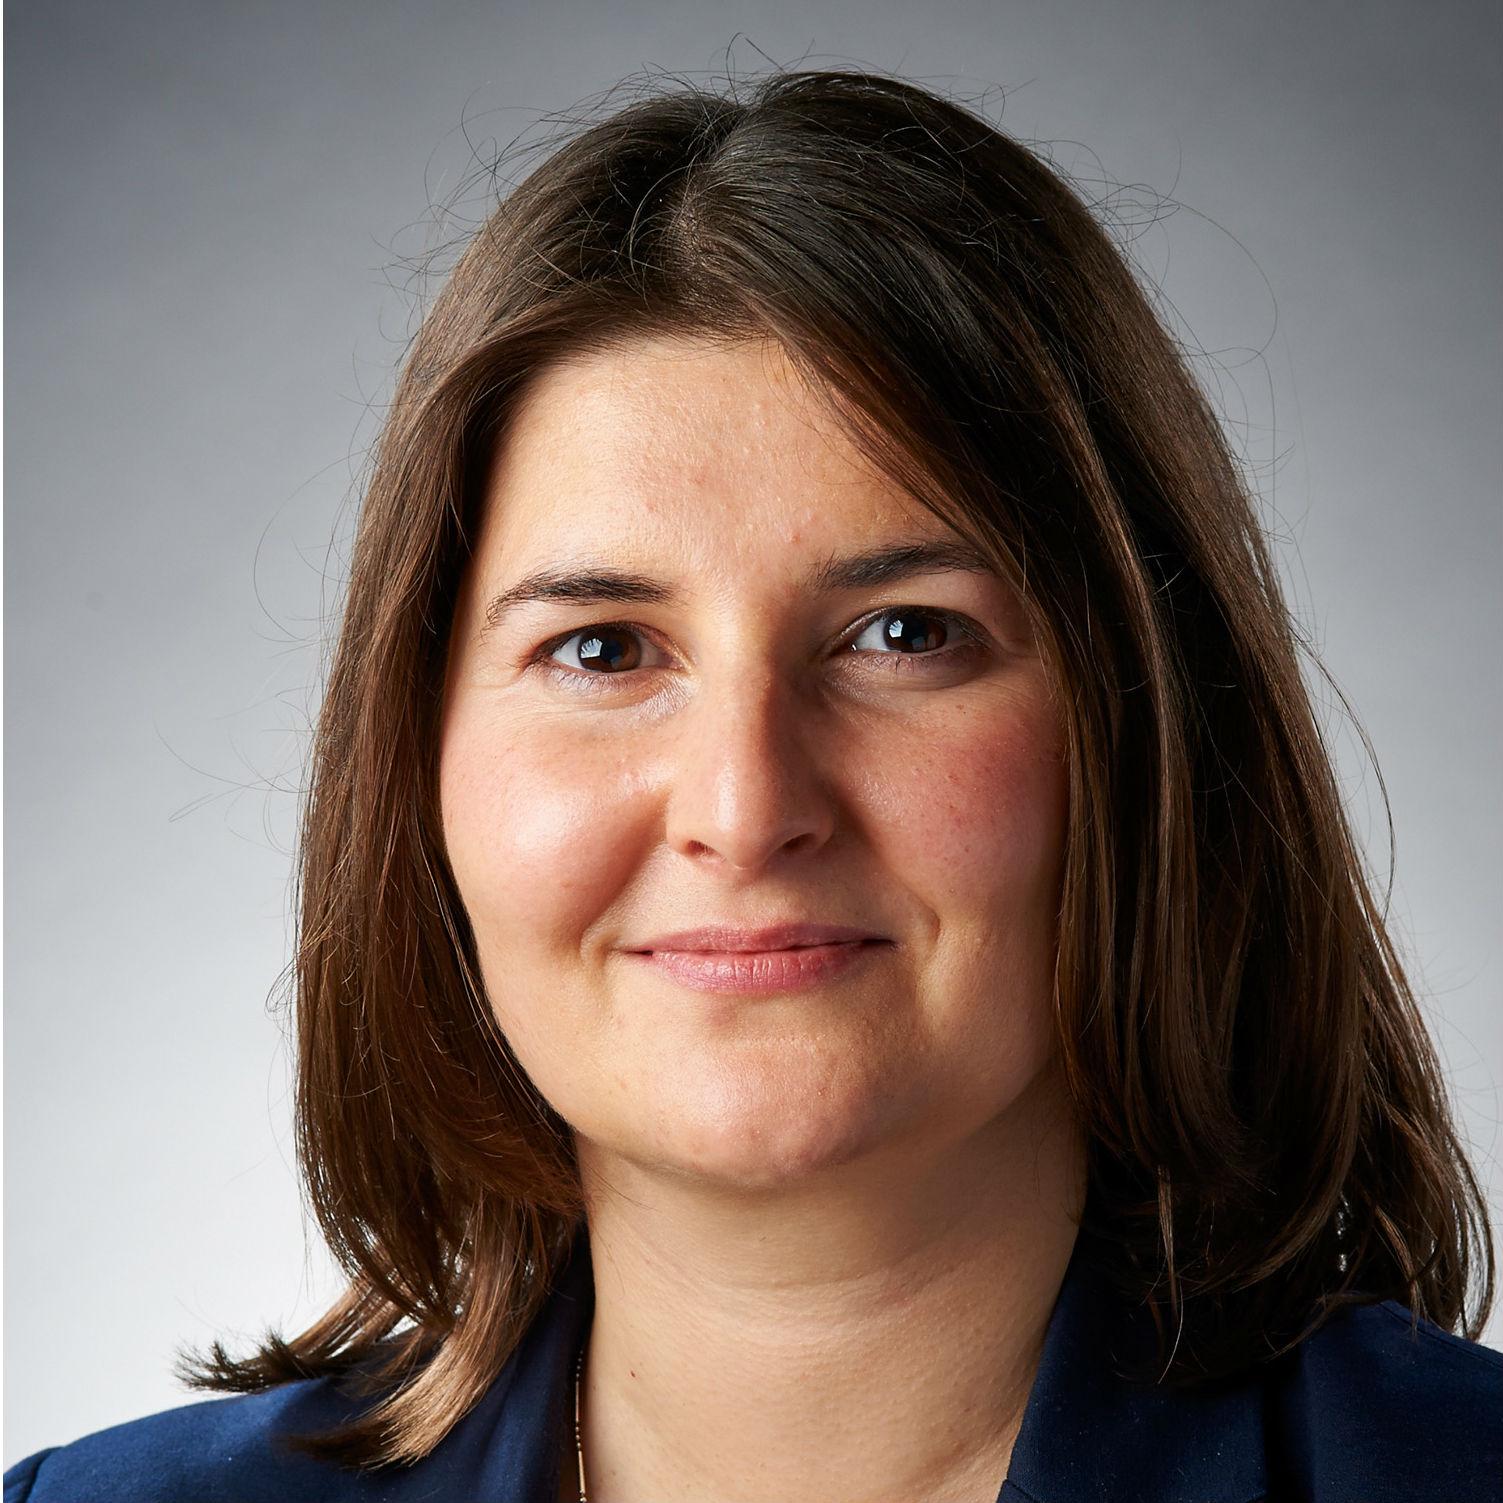 Photograph of Maria Garcia